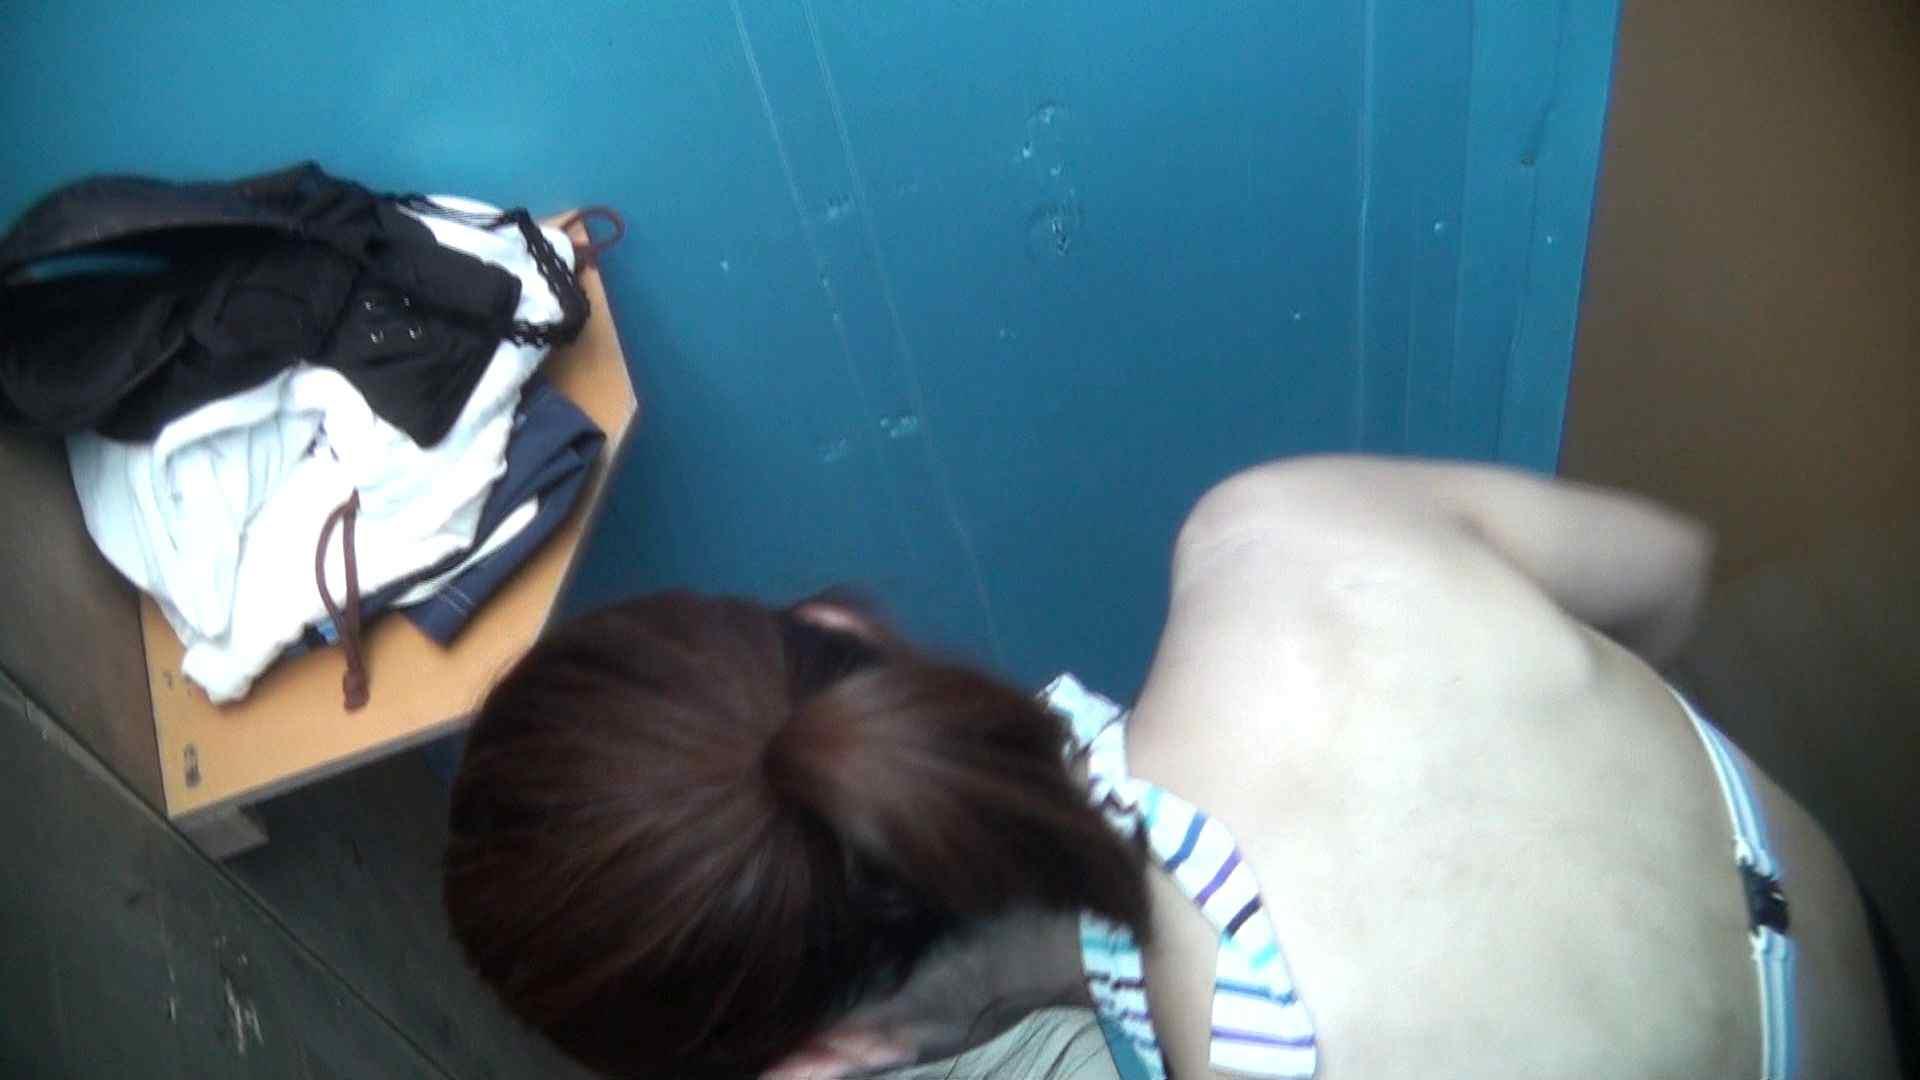 シャワールームは超!!危険な香りVol.27 乳首は一瞬貧乳姉さん 貧乳編 戯れ無修正画像 91画像 75